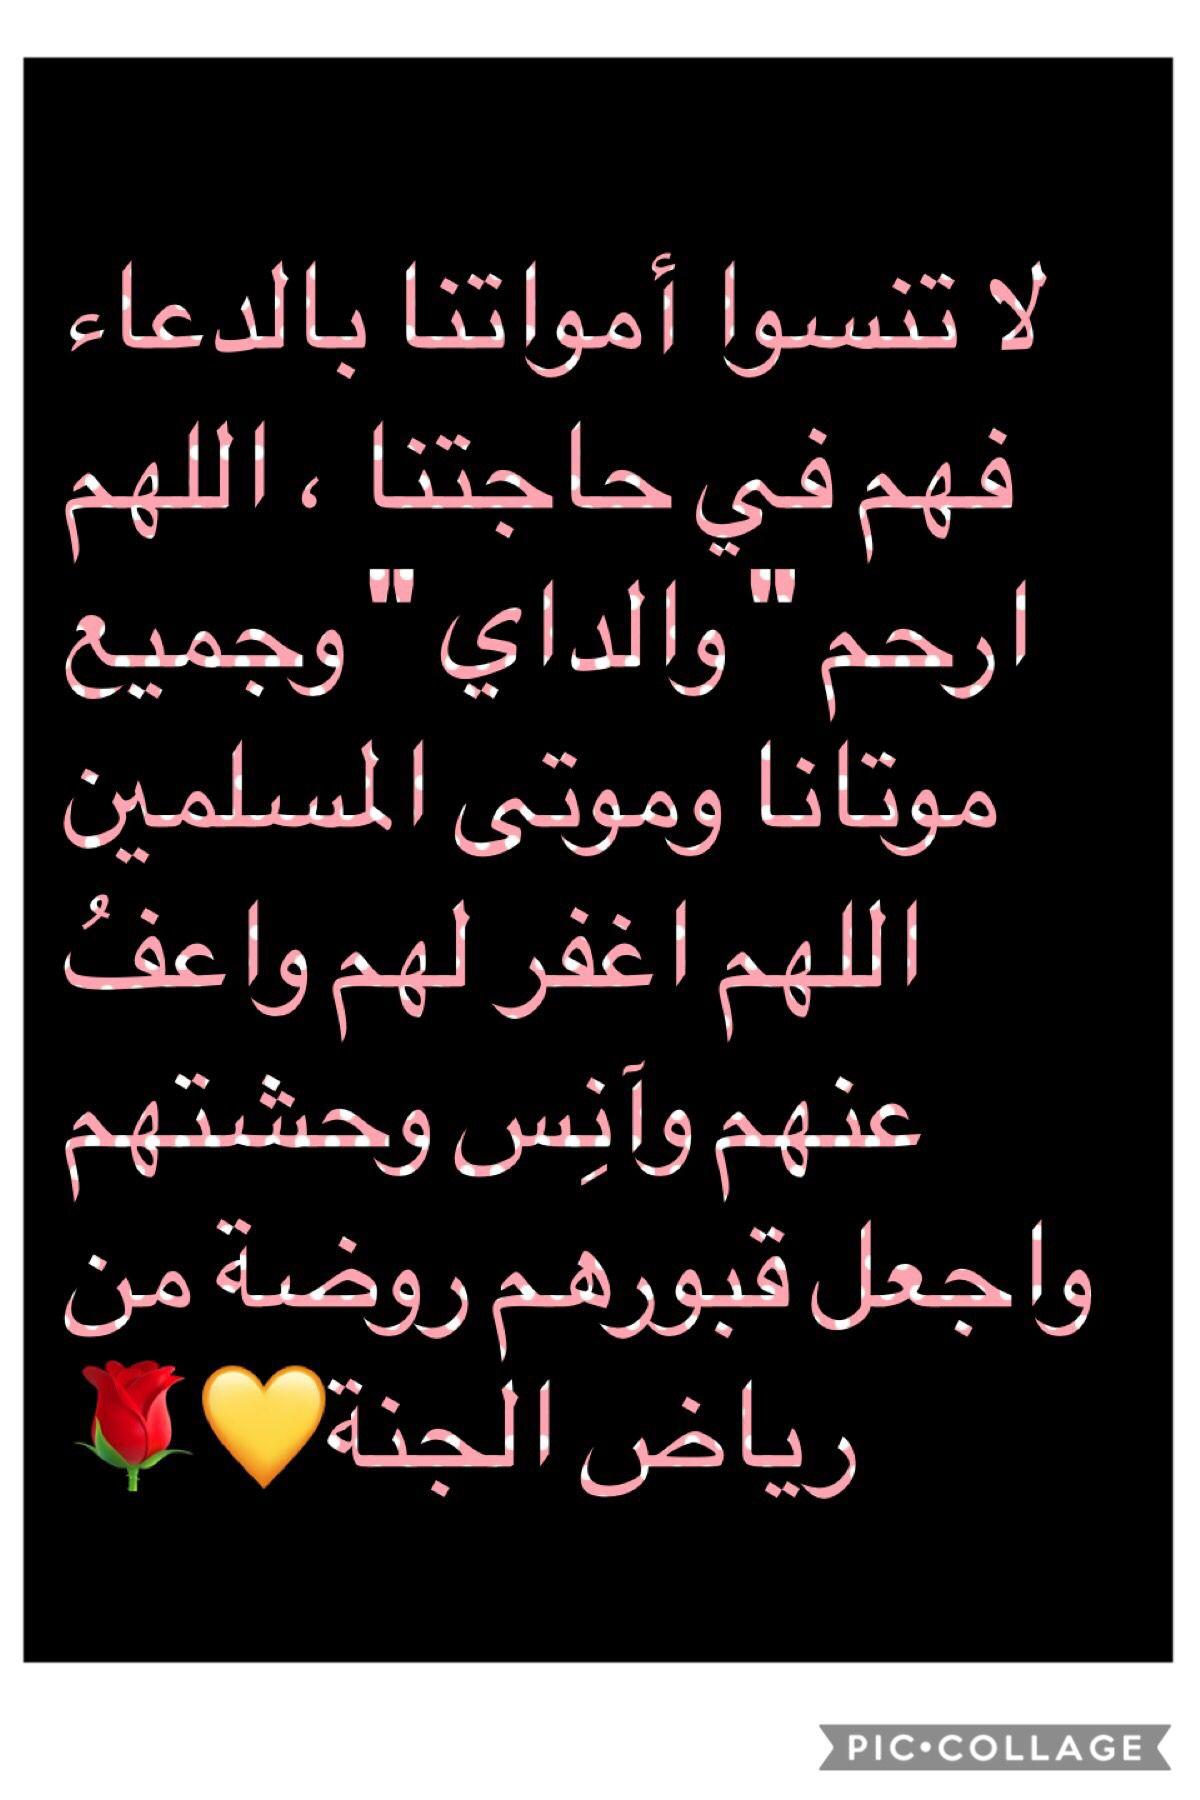 رحم الله امواتنا وامواتكم واموات المسلمين Arabic Calligraphy Islam Calligraphy